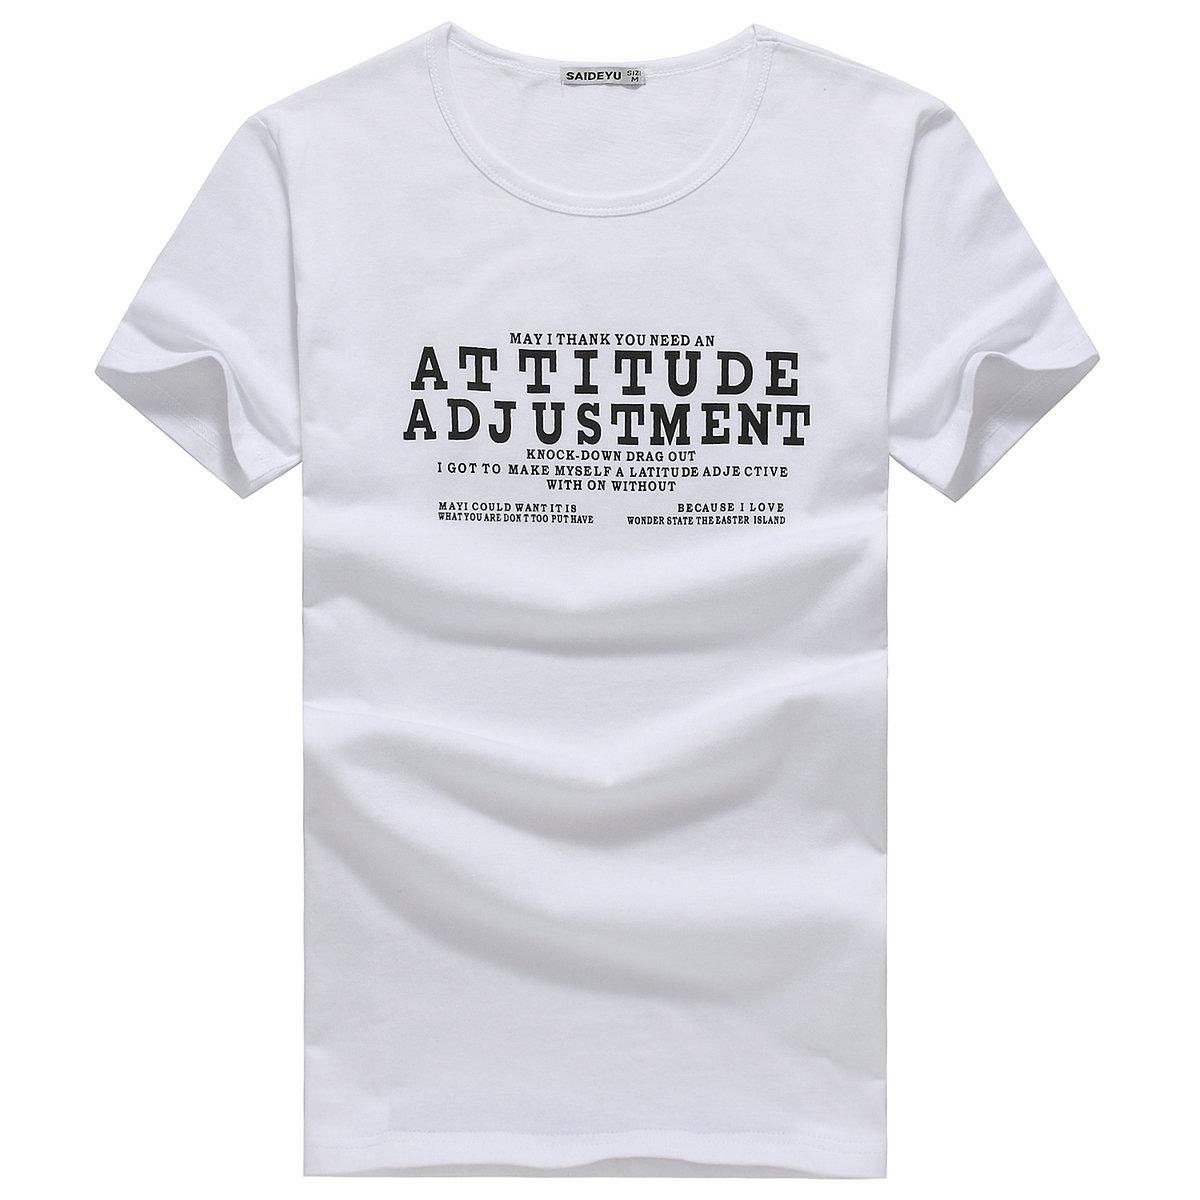 男士短袖t恤 2015夏季男装圆领纯棉男T恤韩版修身个性半截袖小衫